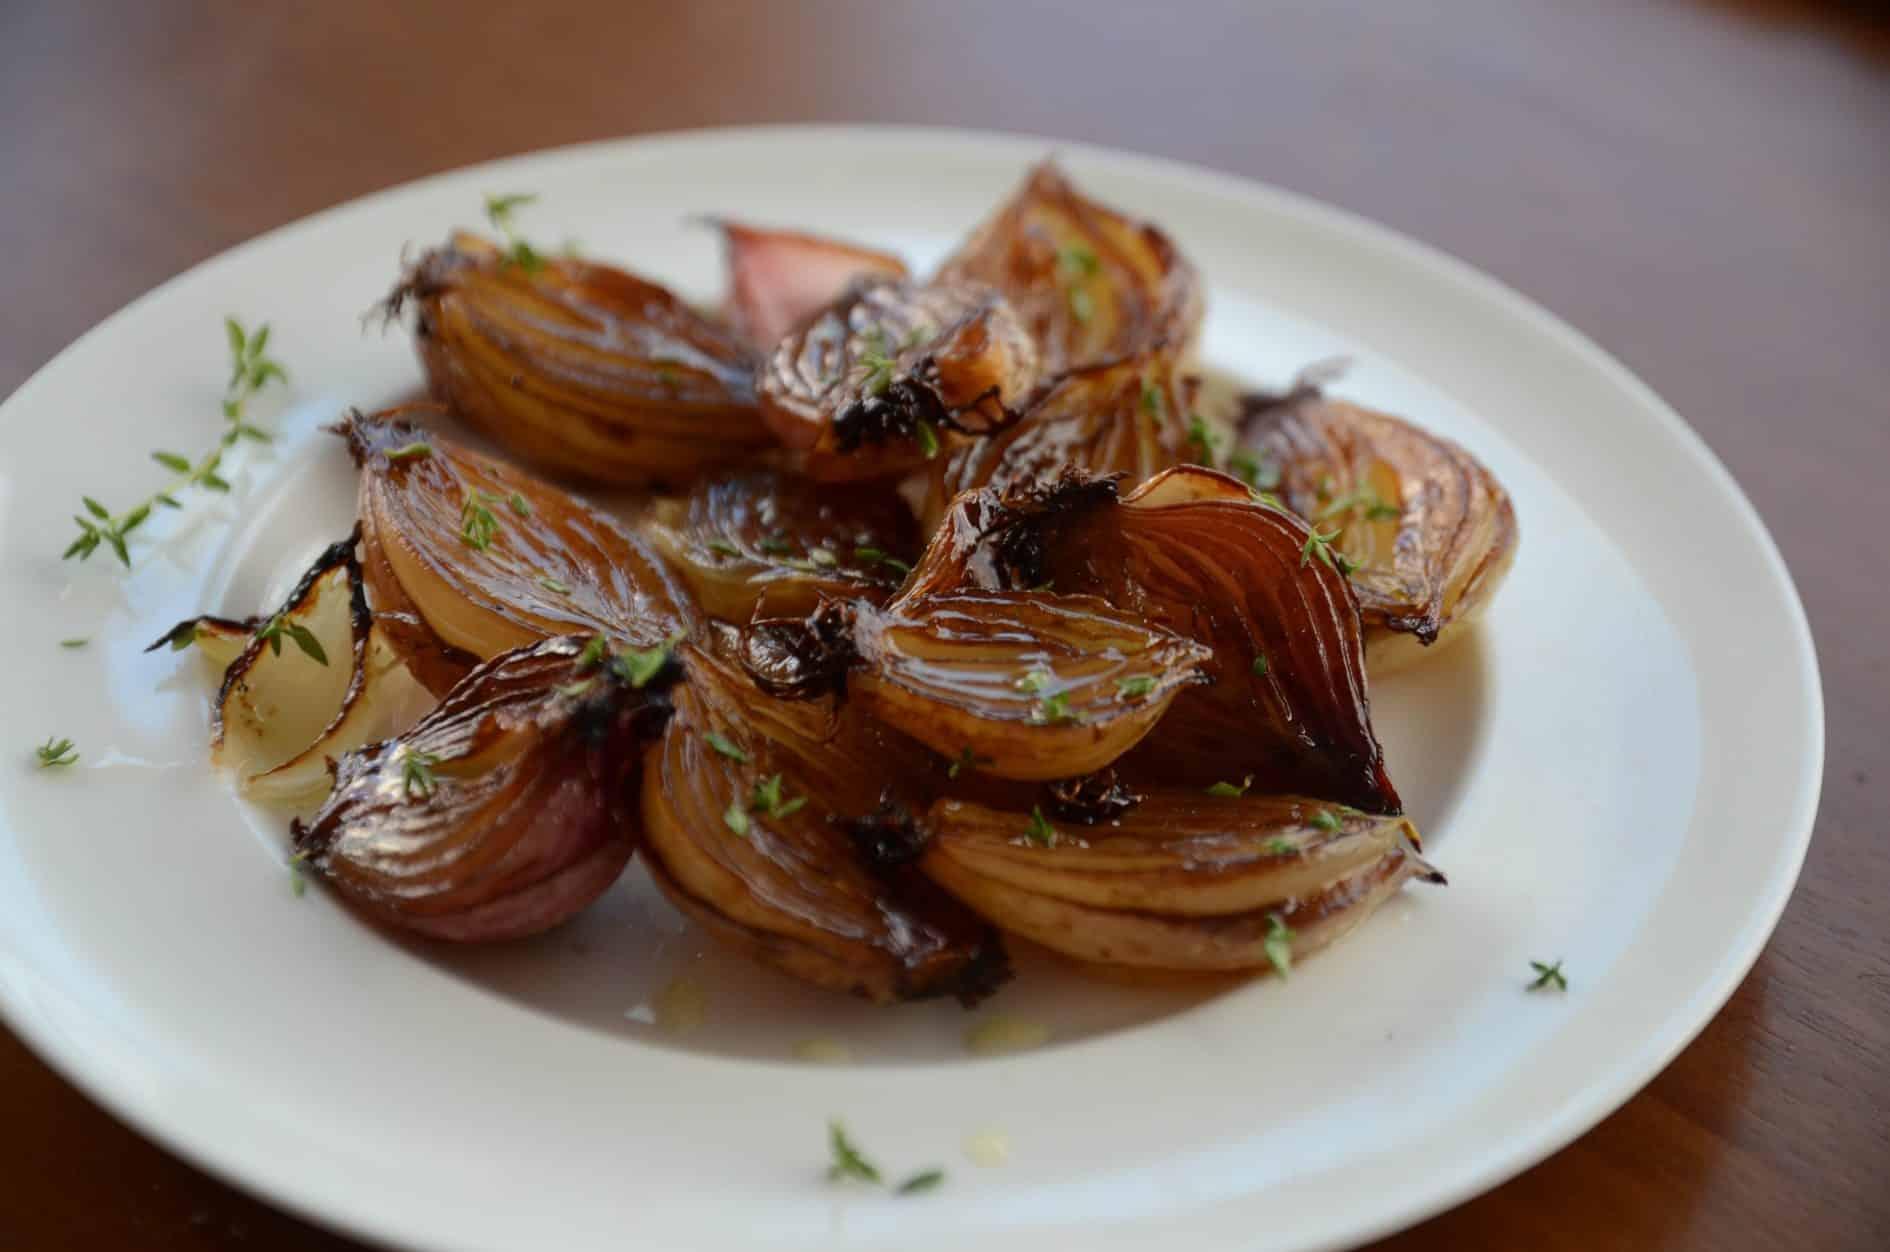 receita de cebolinha caramelizada no forno, temperada com mel, aceto balsâmico e tomilho